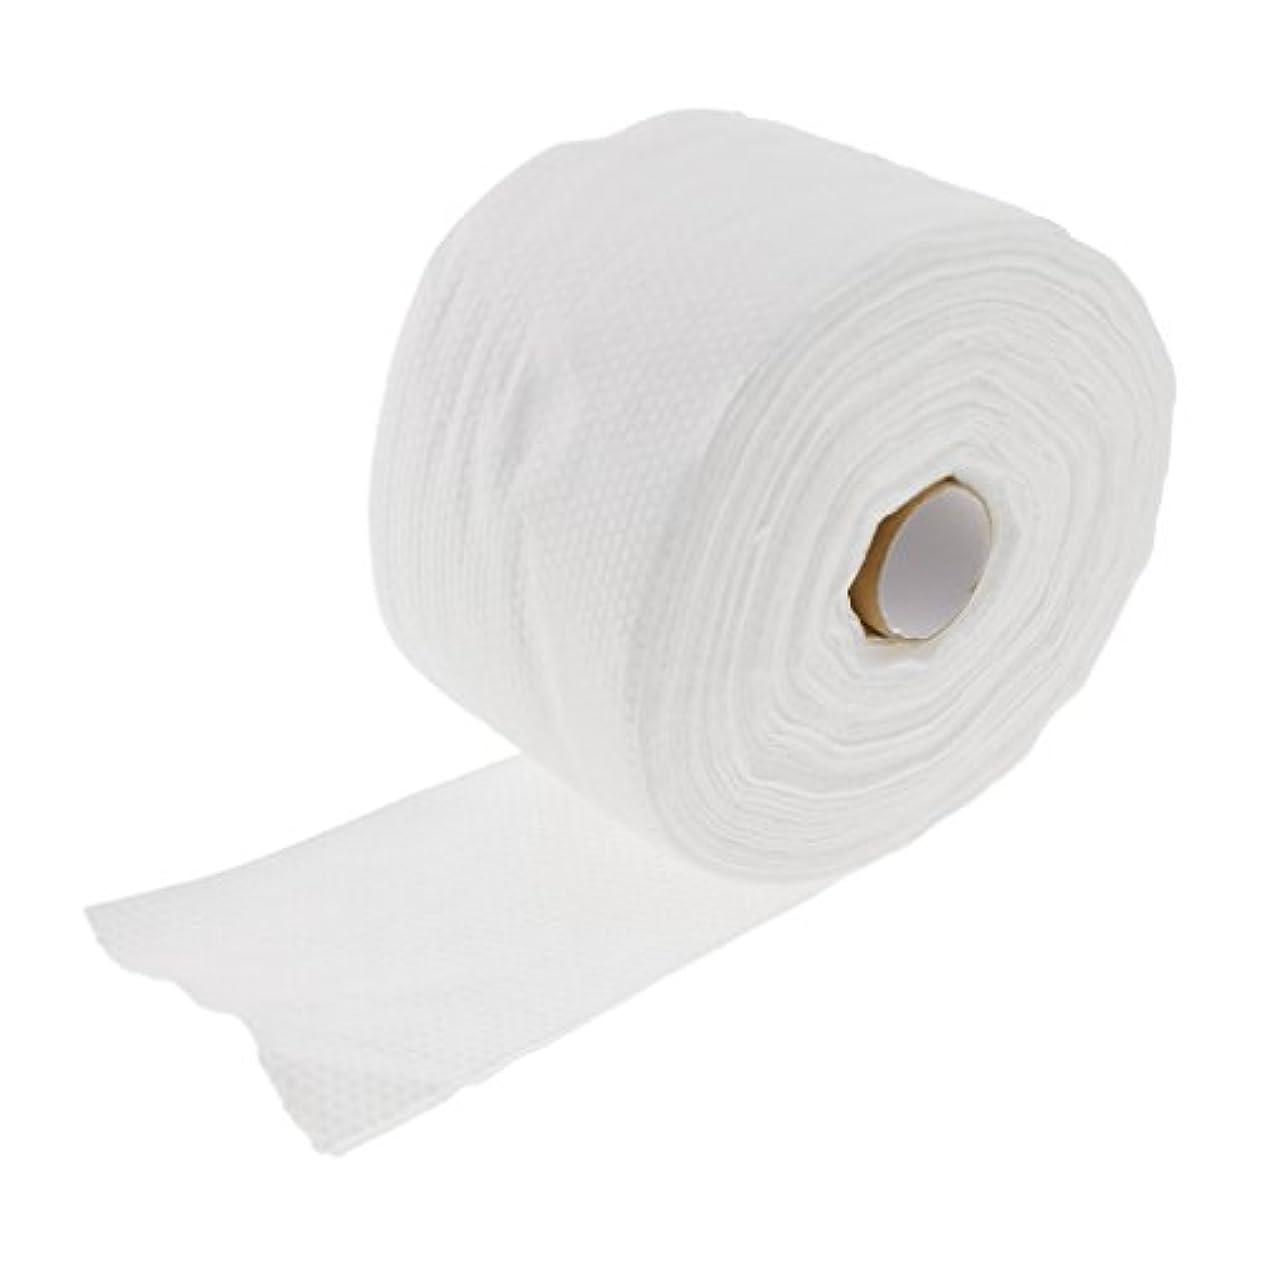 に話す独立した戸棚ロール式 使い捨て 洗顔タオル 使い捨てタオル 30M コットン 繊維 メイクリムーバー 2タイプ選べる - #2